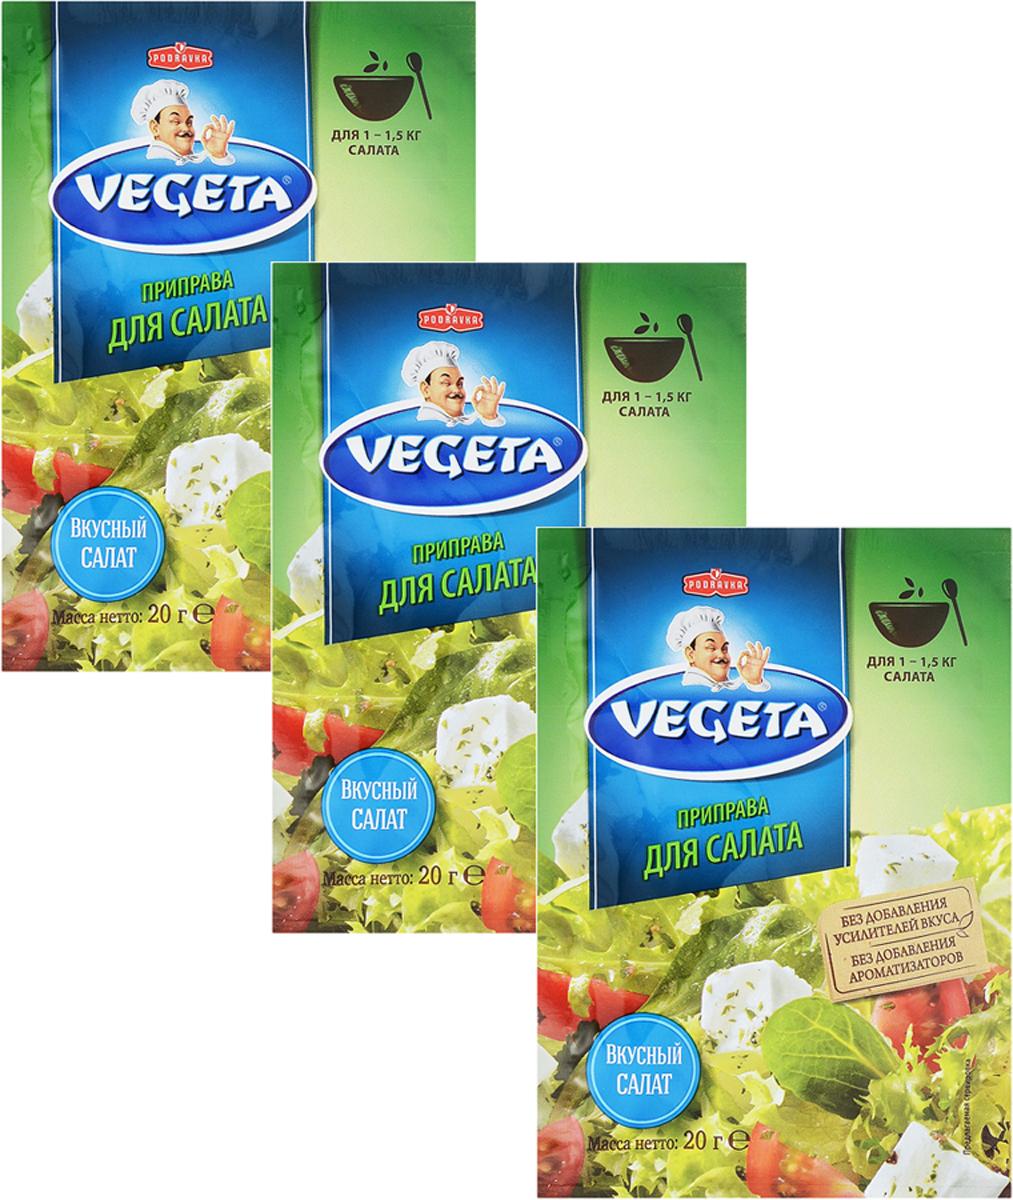 Vegeta приправа для салата, 3 пакета по 20 г3110139Независимо от того, идет ли речь о хрустящем зеленом салате, о комбинации с сочными свежими помидорами или же о холодных салатах из вареных овощей - это идеальная салатная приправа, благодаря которой вы каждый раз открываете для себя что-то новое. С яблочным или бальзамическим уксусом, оливковым или тыквенным маслом любая история о салате, если в ней участвует приправа для салата Vegeta имеет счастливый конец! Роскошный, вкусный и неотразимый салат. Практичное и быстрое приготовление заправки для салата. Уважаемые клиенты! Обращаем ваше внимание, что полный перечень состава продукта представлен на дополнительном изображении.